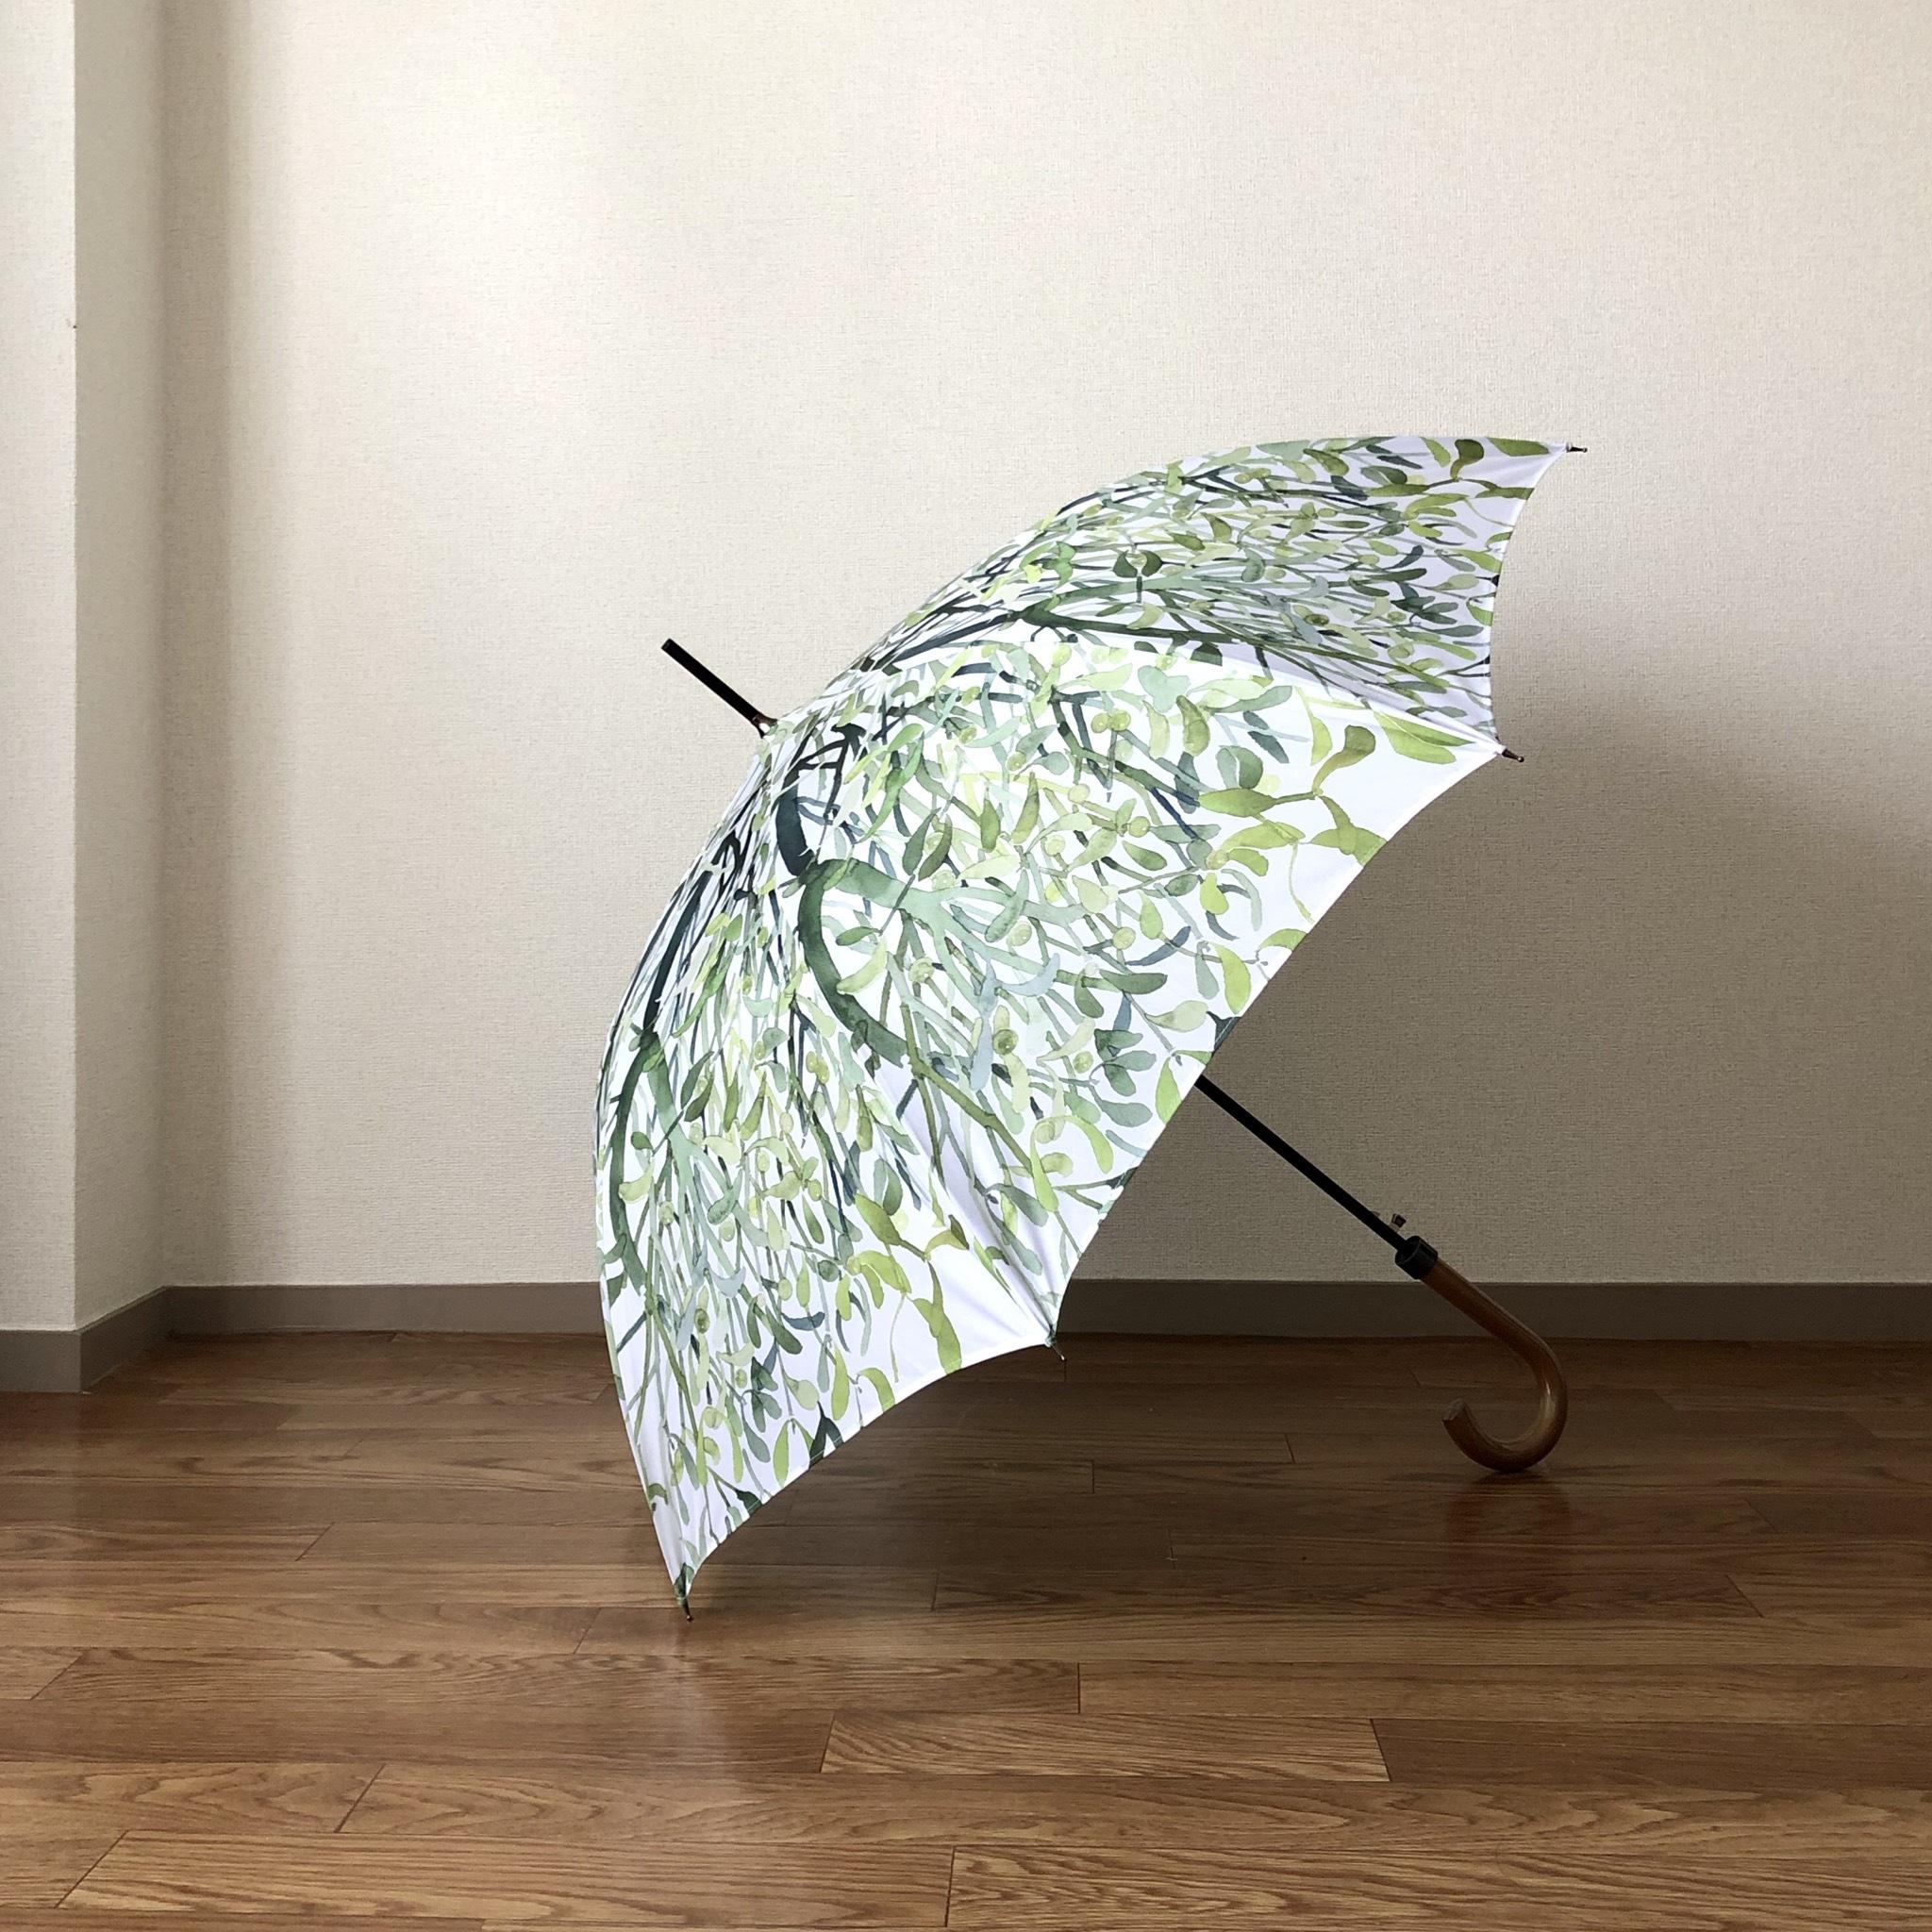 【残1本】ヤドリギの雨傘(ホワイト)- Mistletoe umbrella (white)